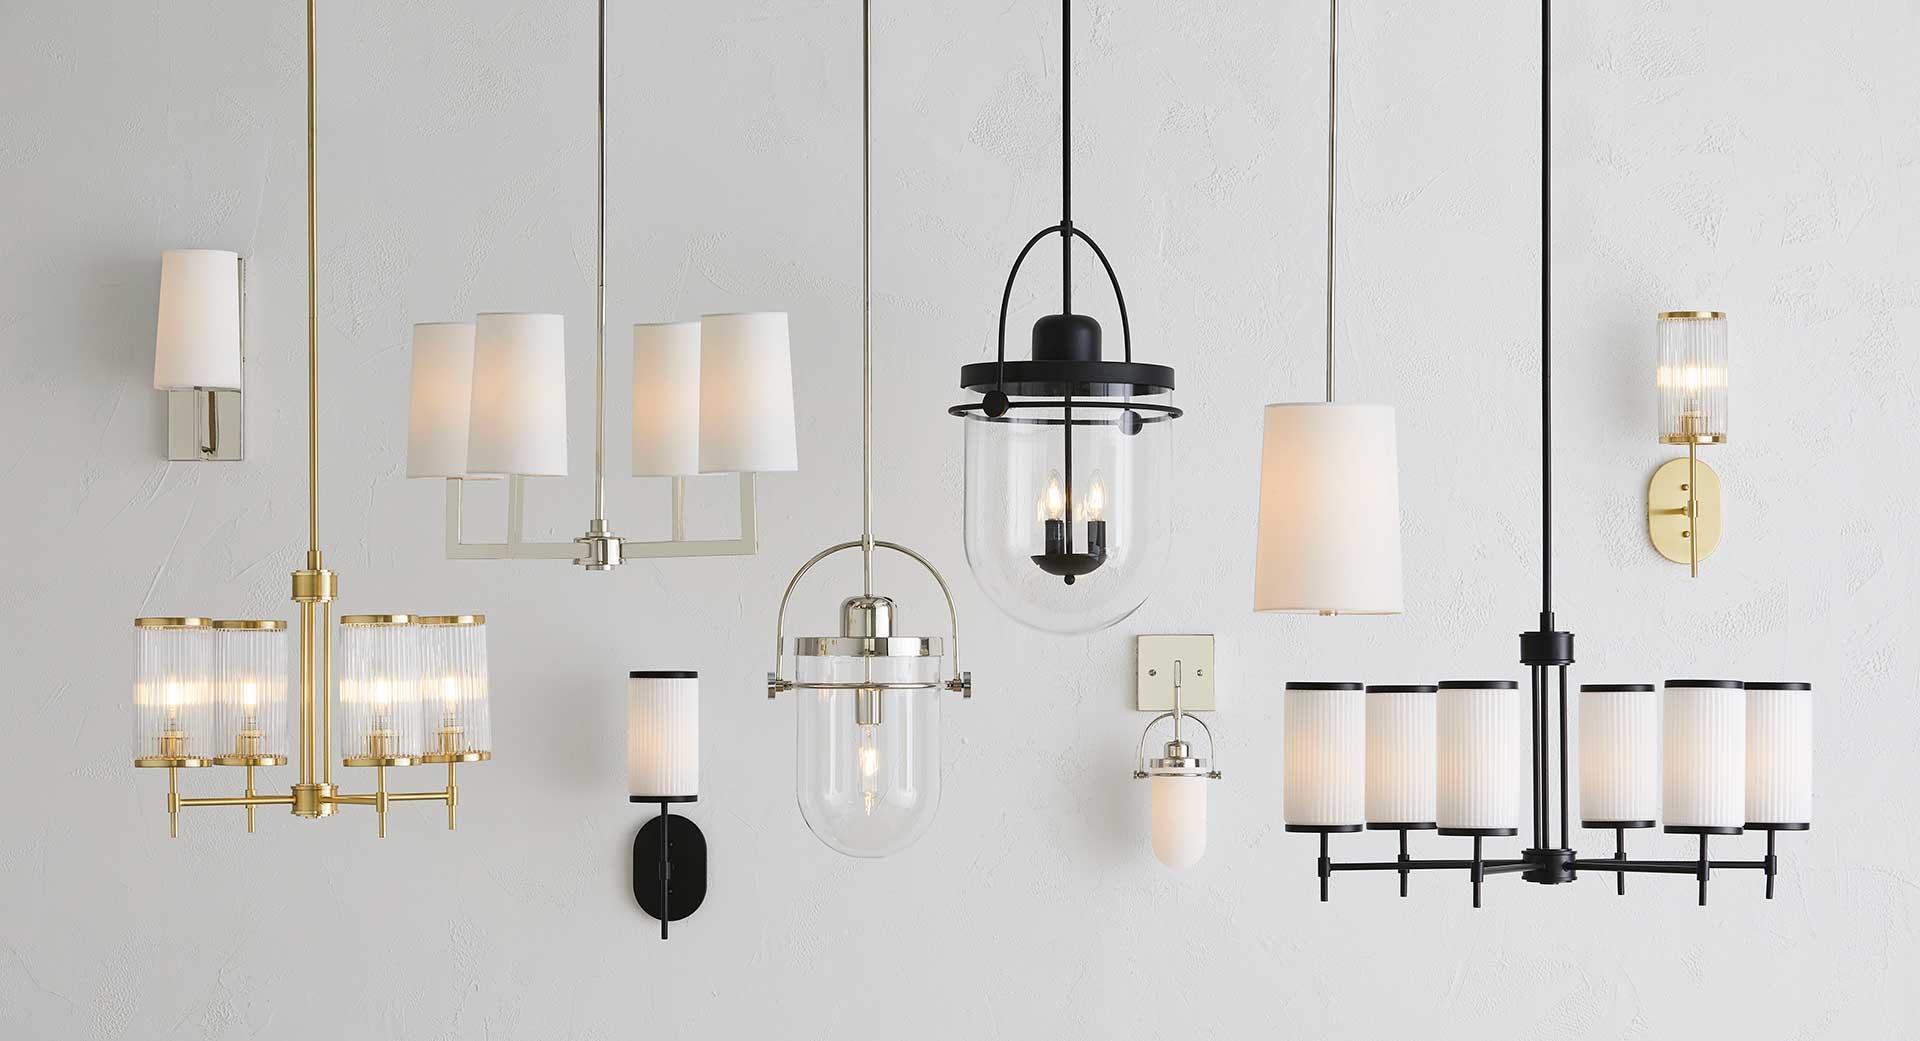 GlucksteinElements | Lighting Collection